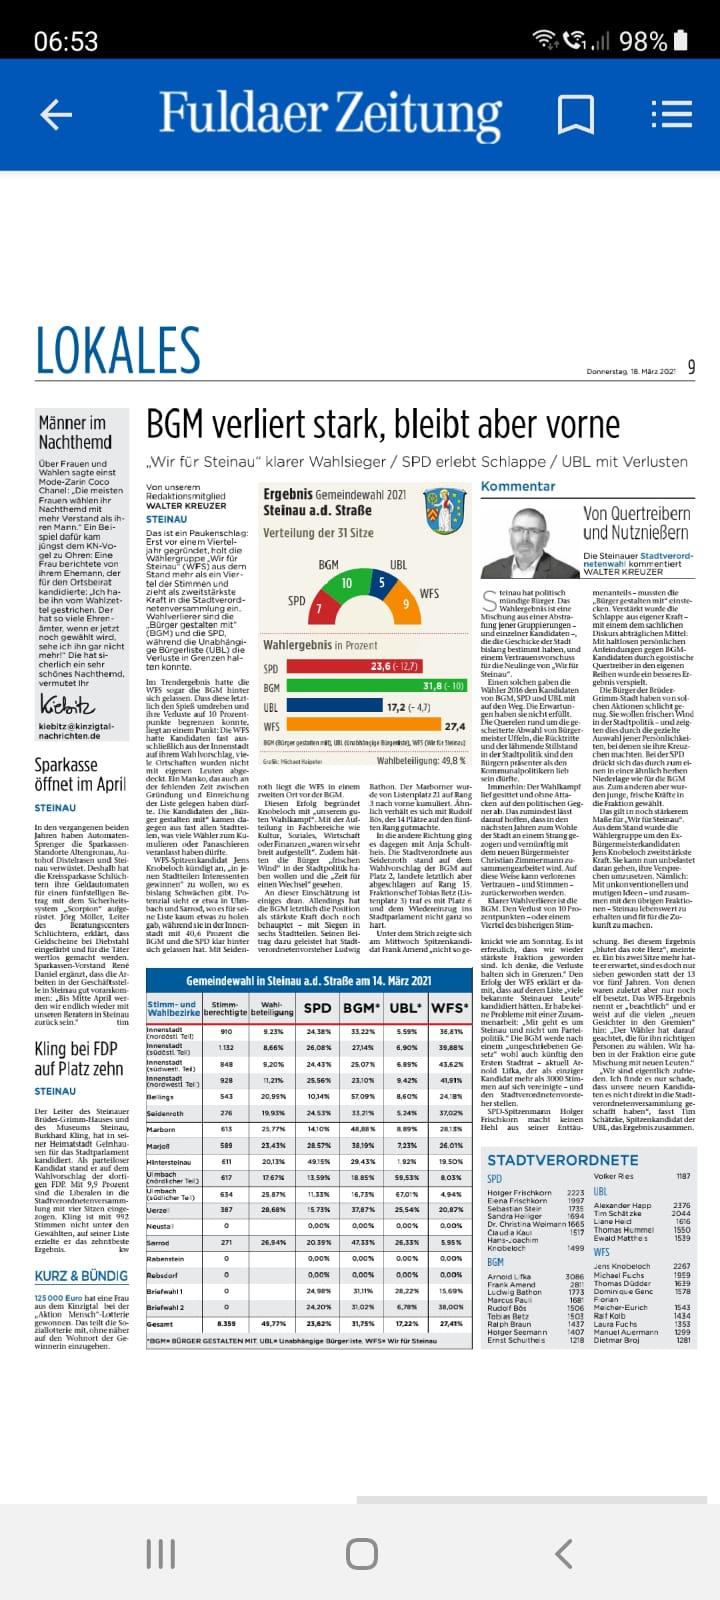 18.03.2021 - Fuldaer Zeitung